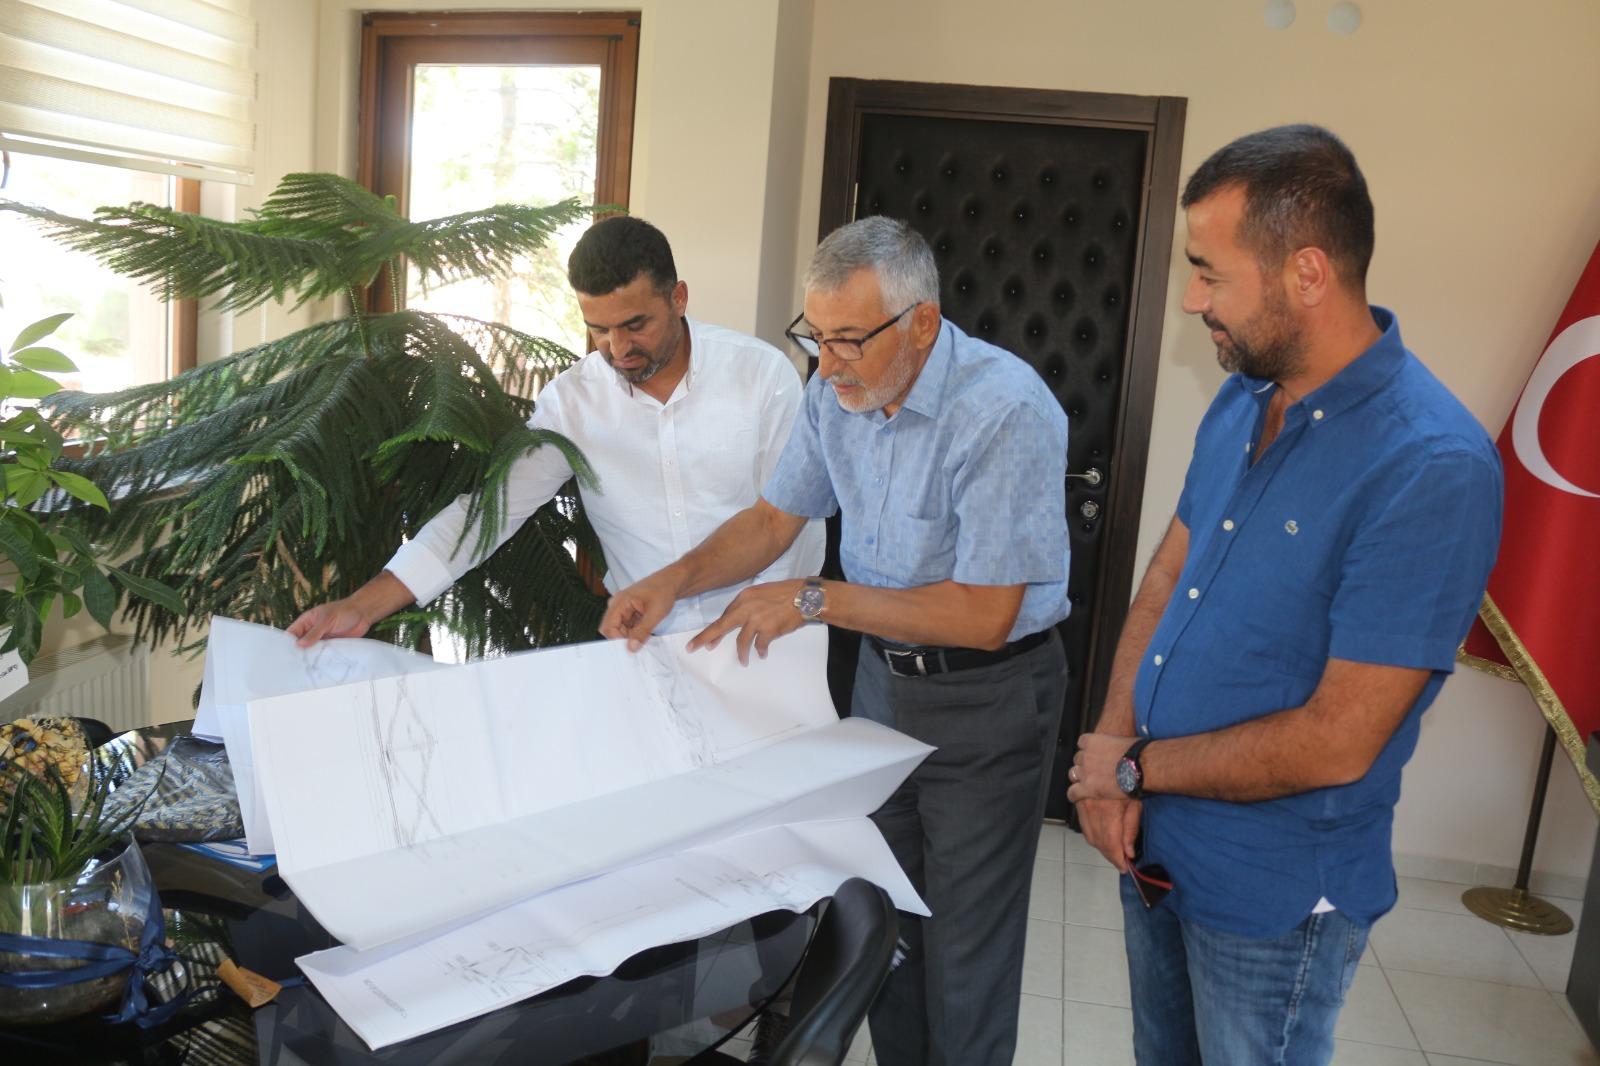 İnönü Belediyesi İlk Kez TOKİ'de Fizibilite Çalışmasına Başladı